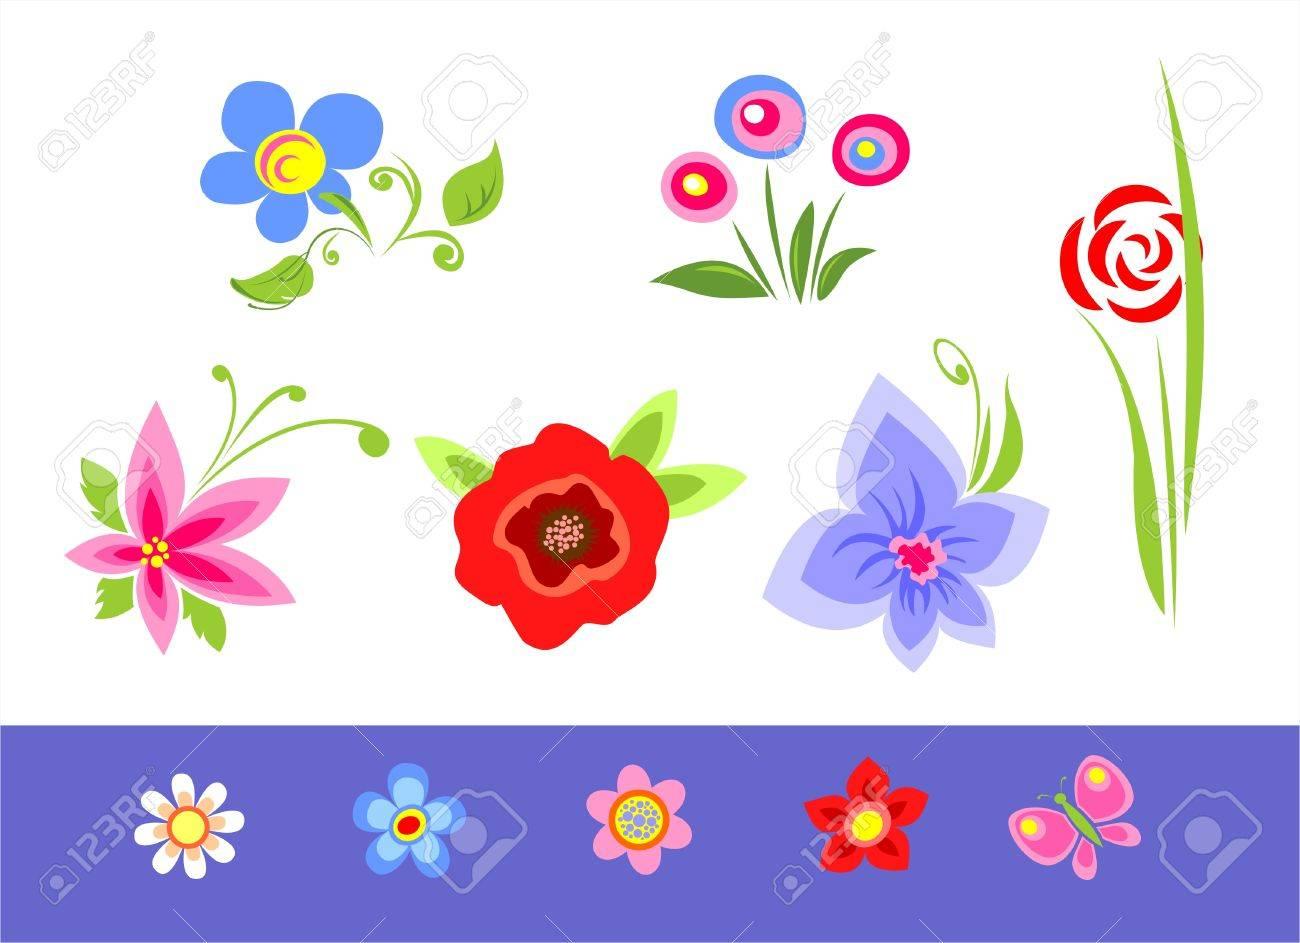 Les Différentes Fleurs Stylisées De Couleur Blanche Sur Un Fond Bleu